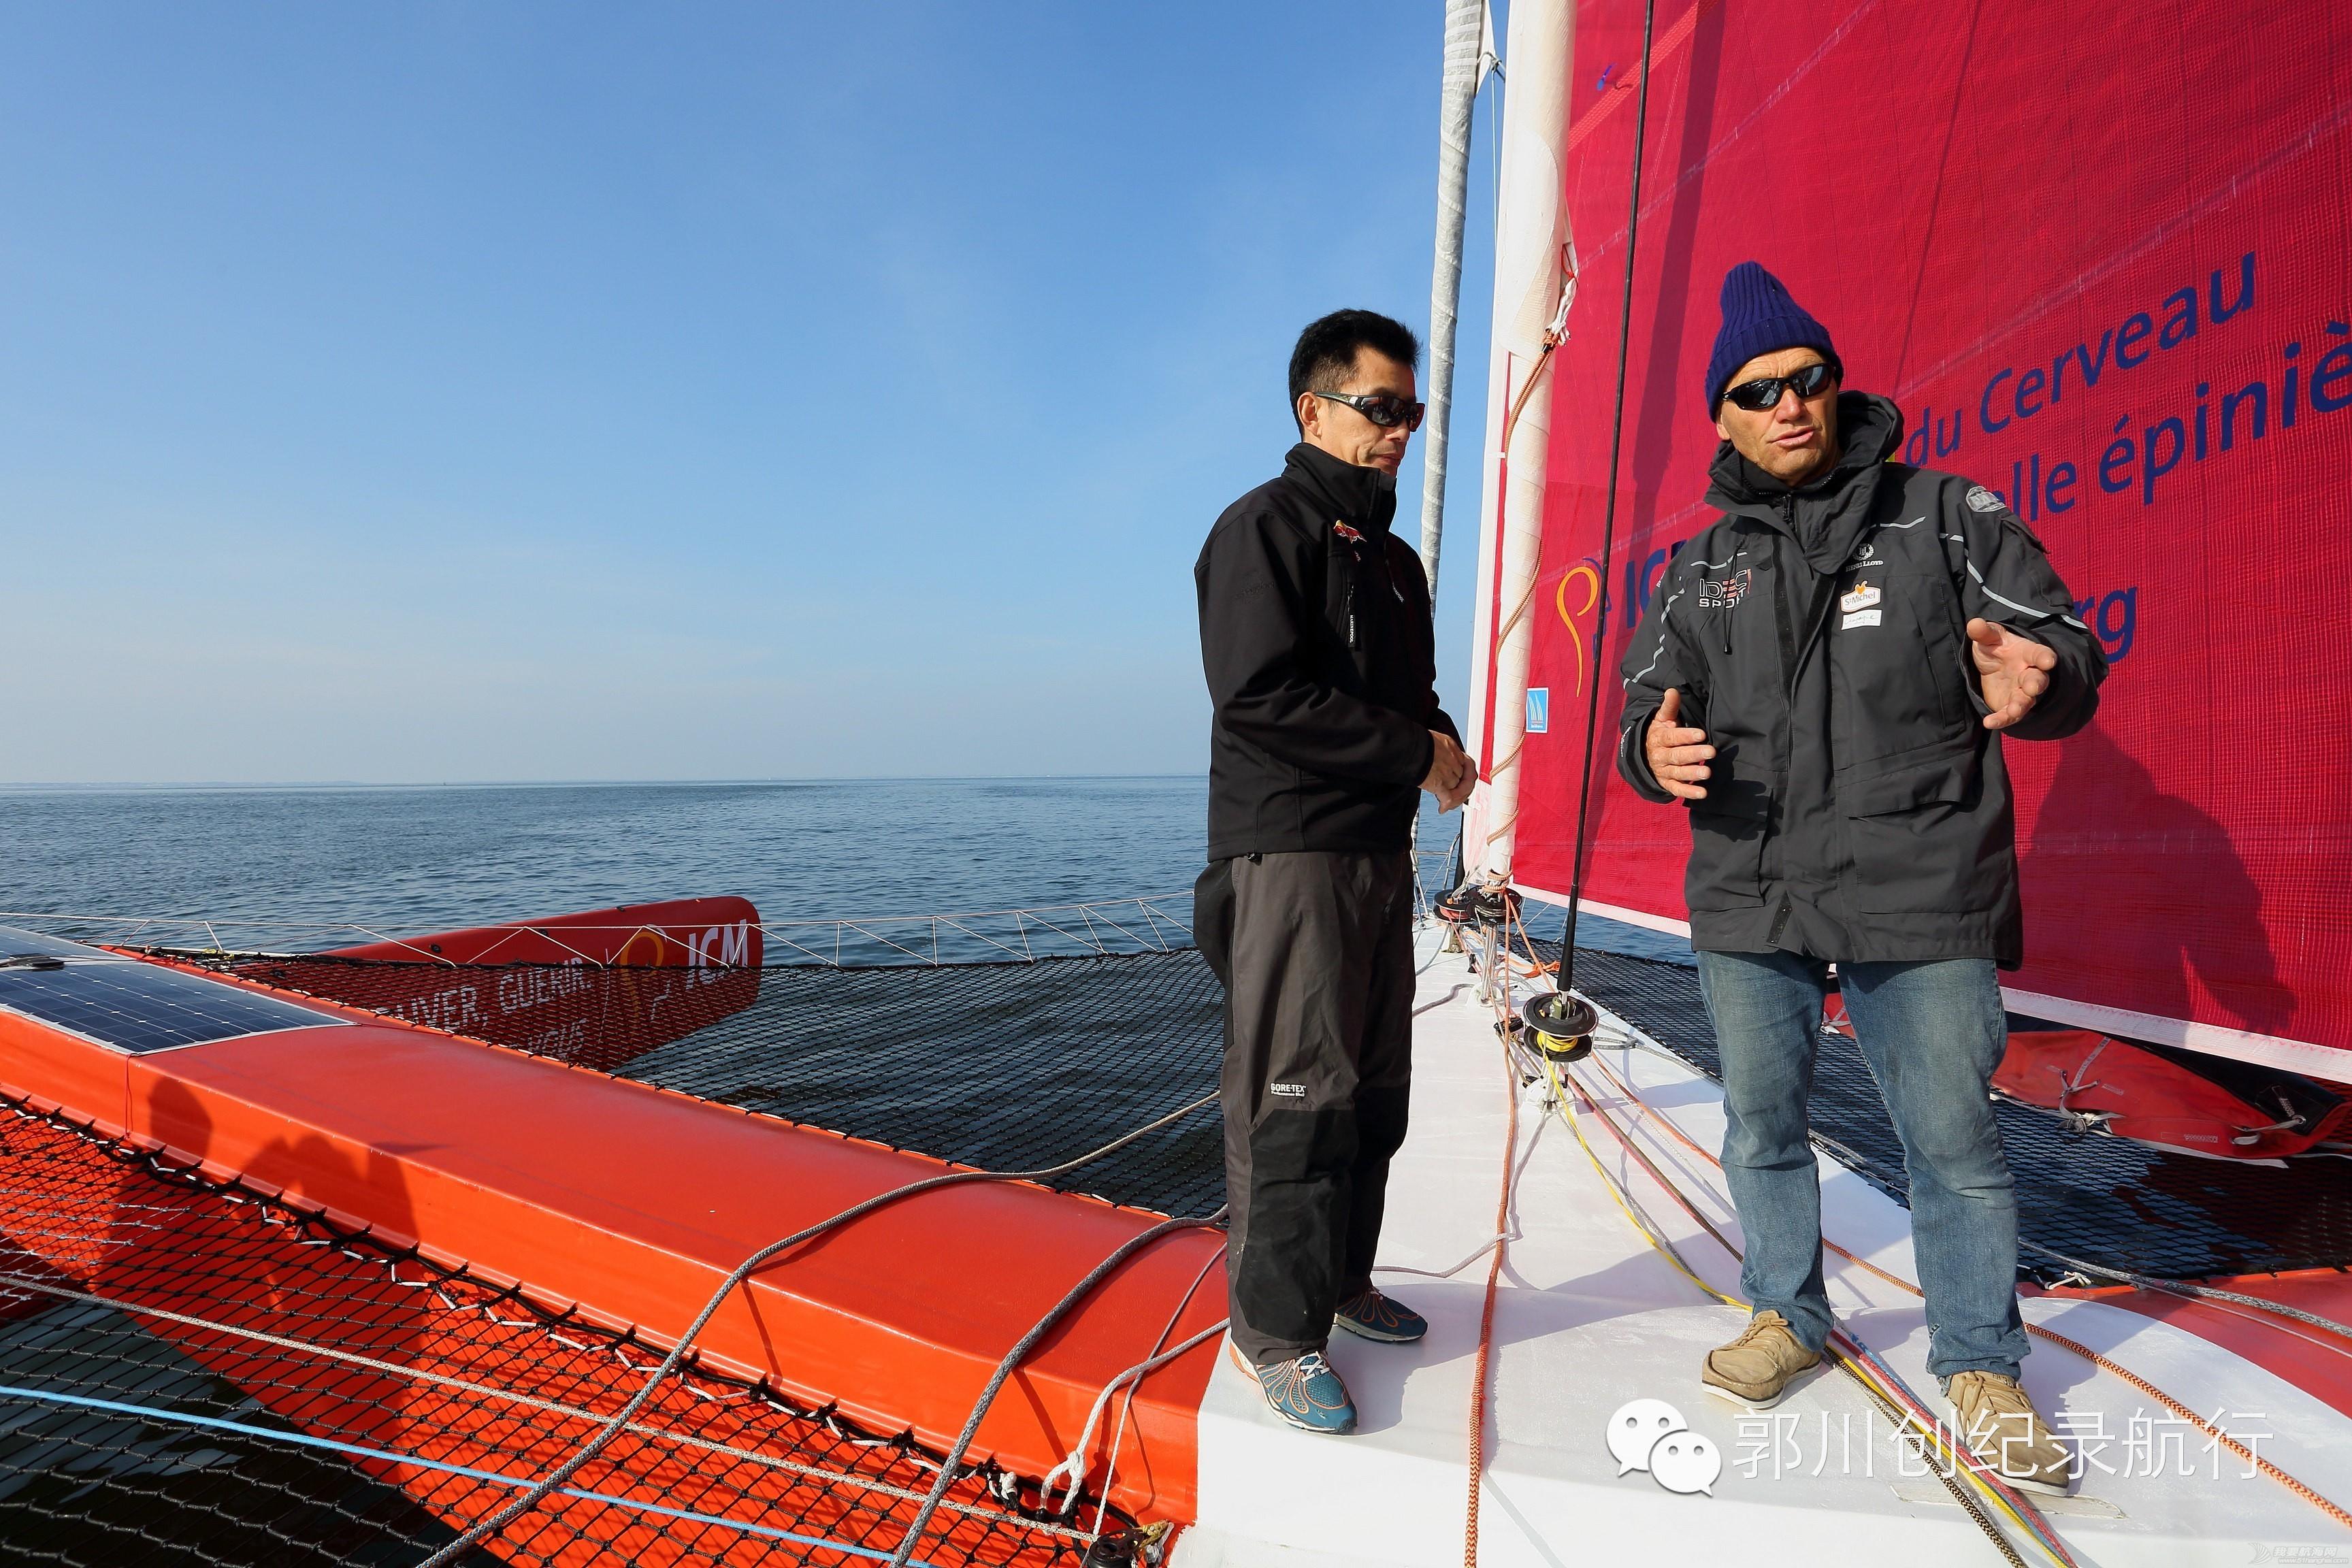 华侨大学,弗朗西斯,体育项目,北冰洋,里程碑 开拓21世纪新的海上丝绸之路,郭川船长接手法国超级三体船 ae435737c9e64576c39c2e2678e05cc6.jpg